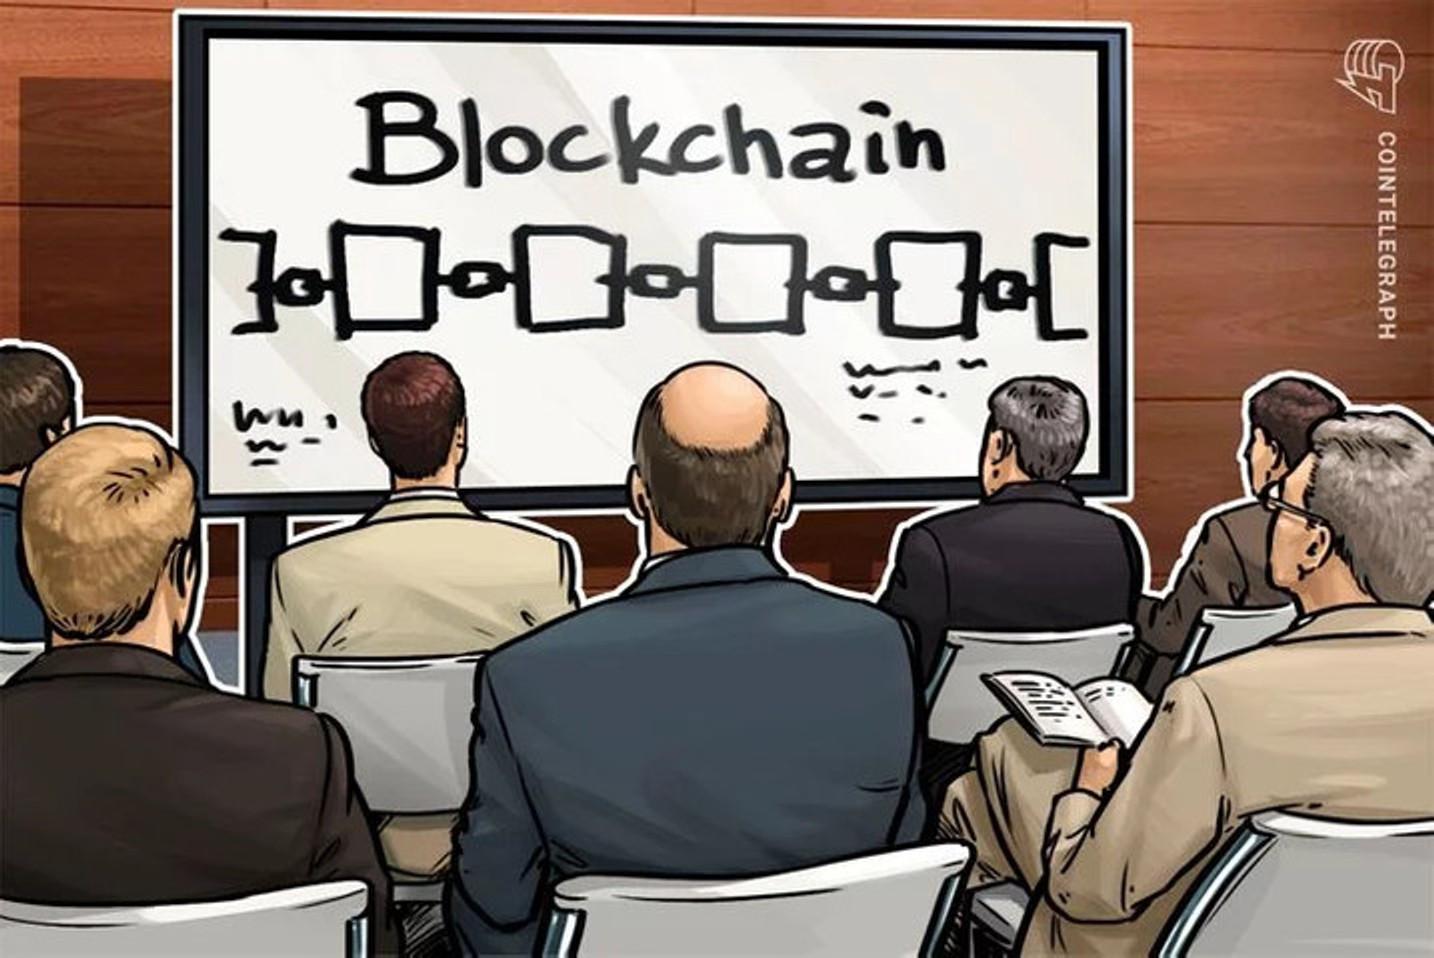 Blockchain e criptomoedas serão abordadas em painel de fórum brasileiro sobre tecnologias